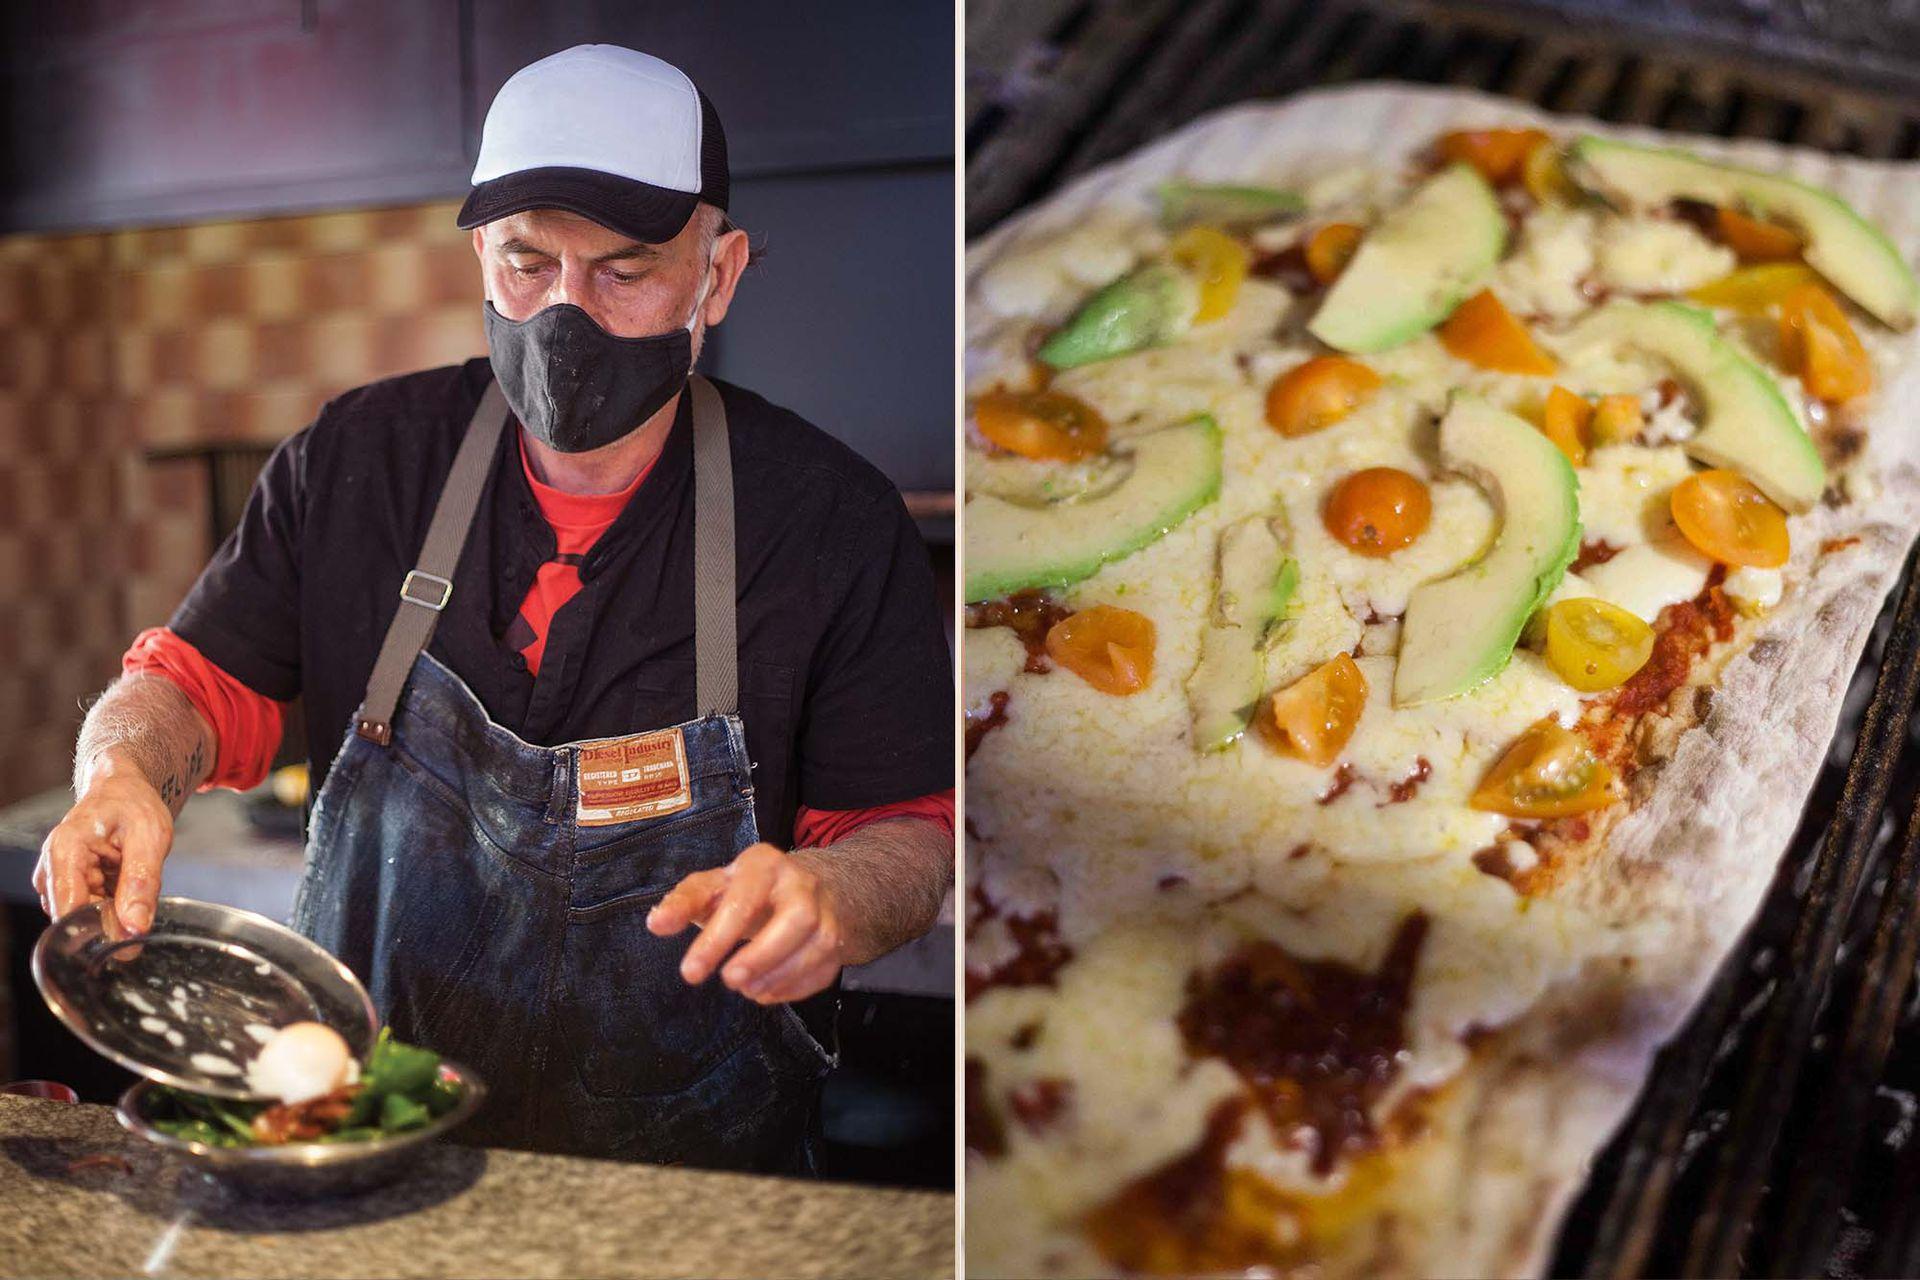 La protagonista es la pizza superliviana, crujiente y bien sabrosa.